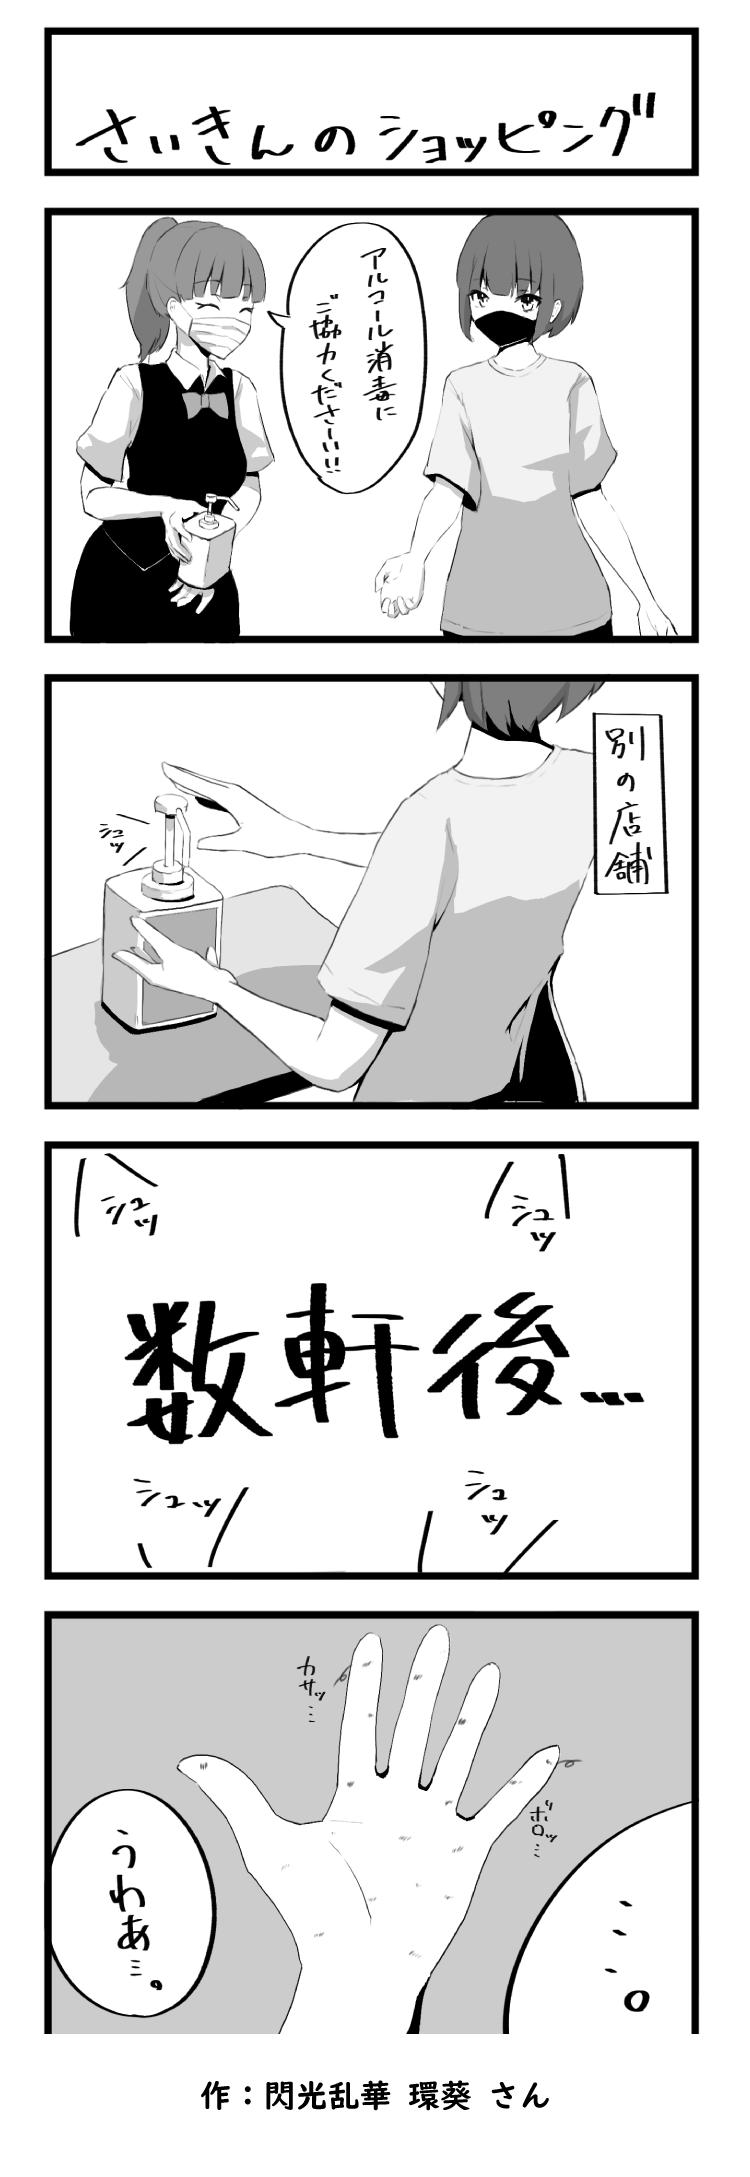 閃光乱華漫画